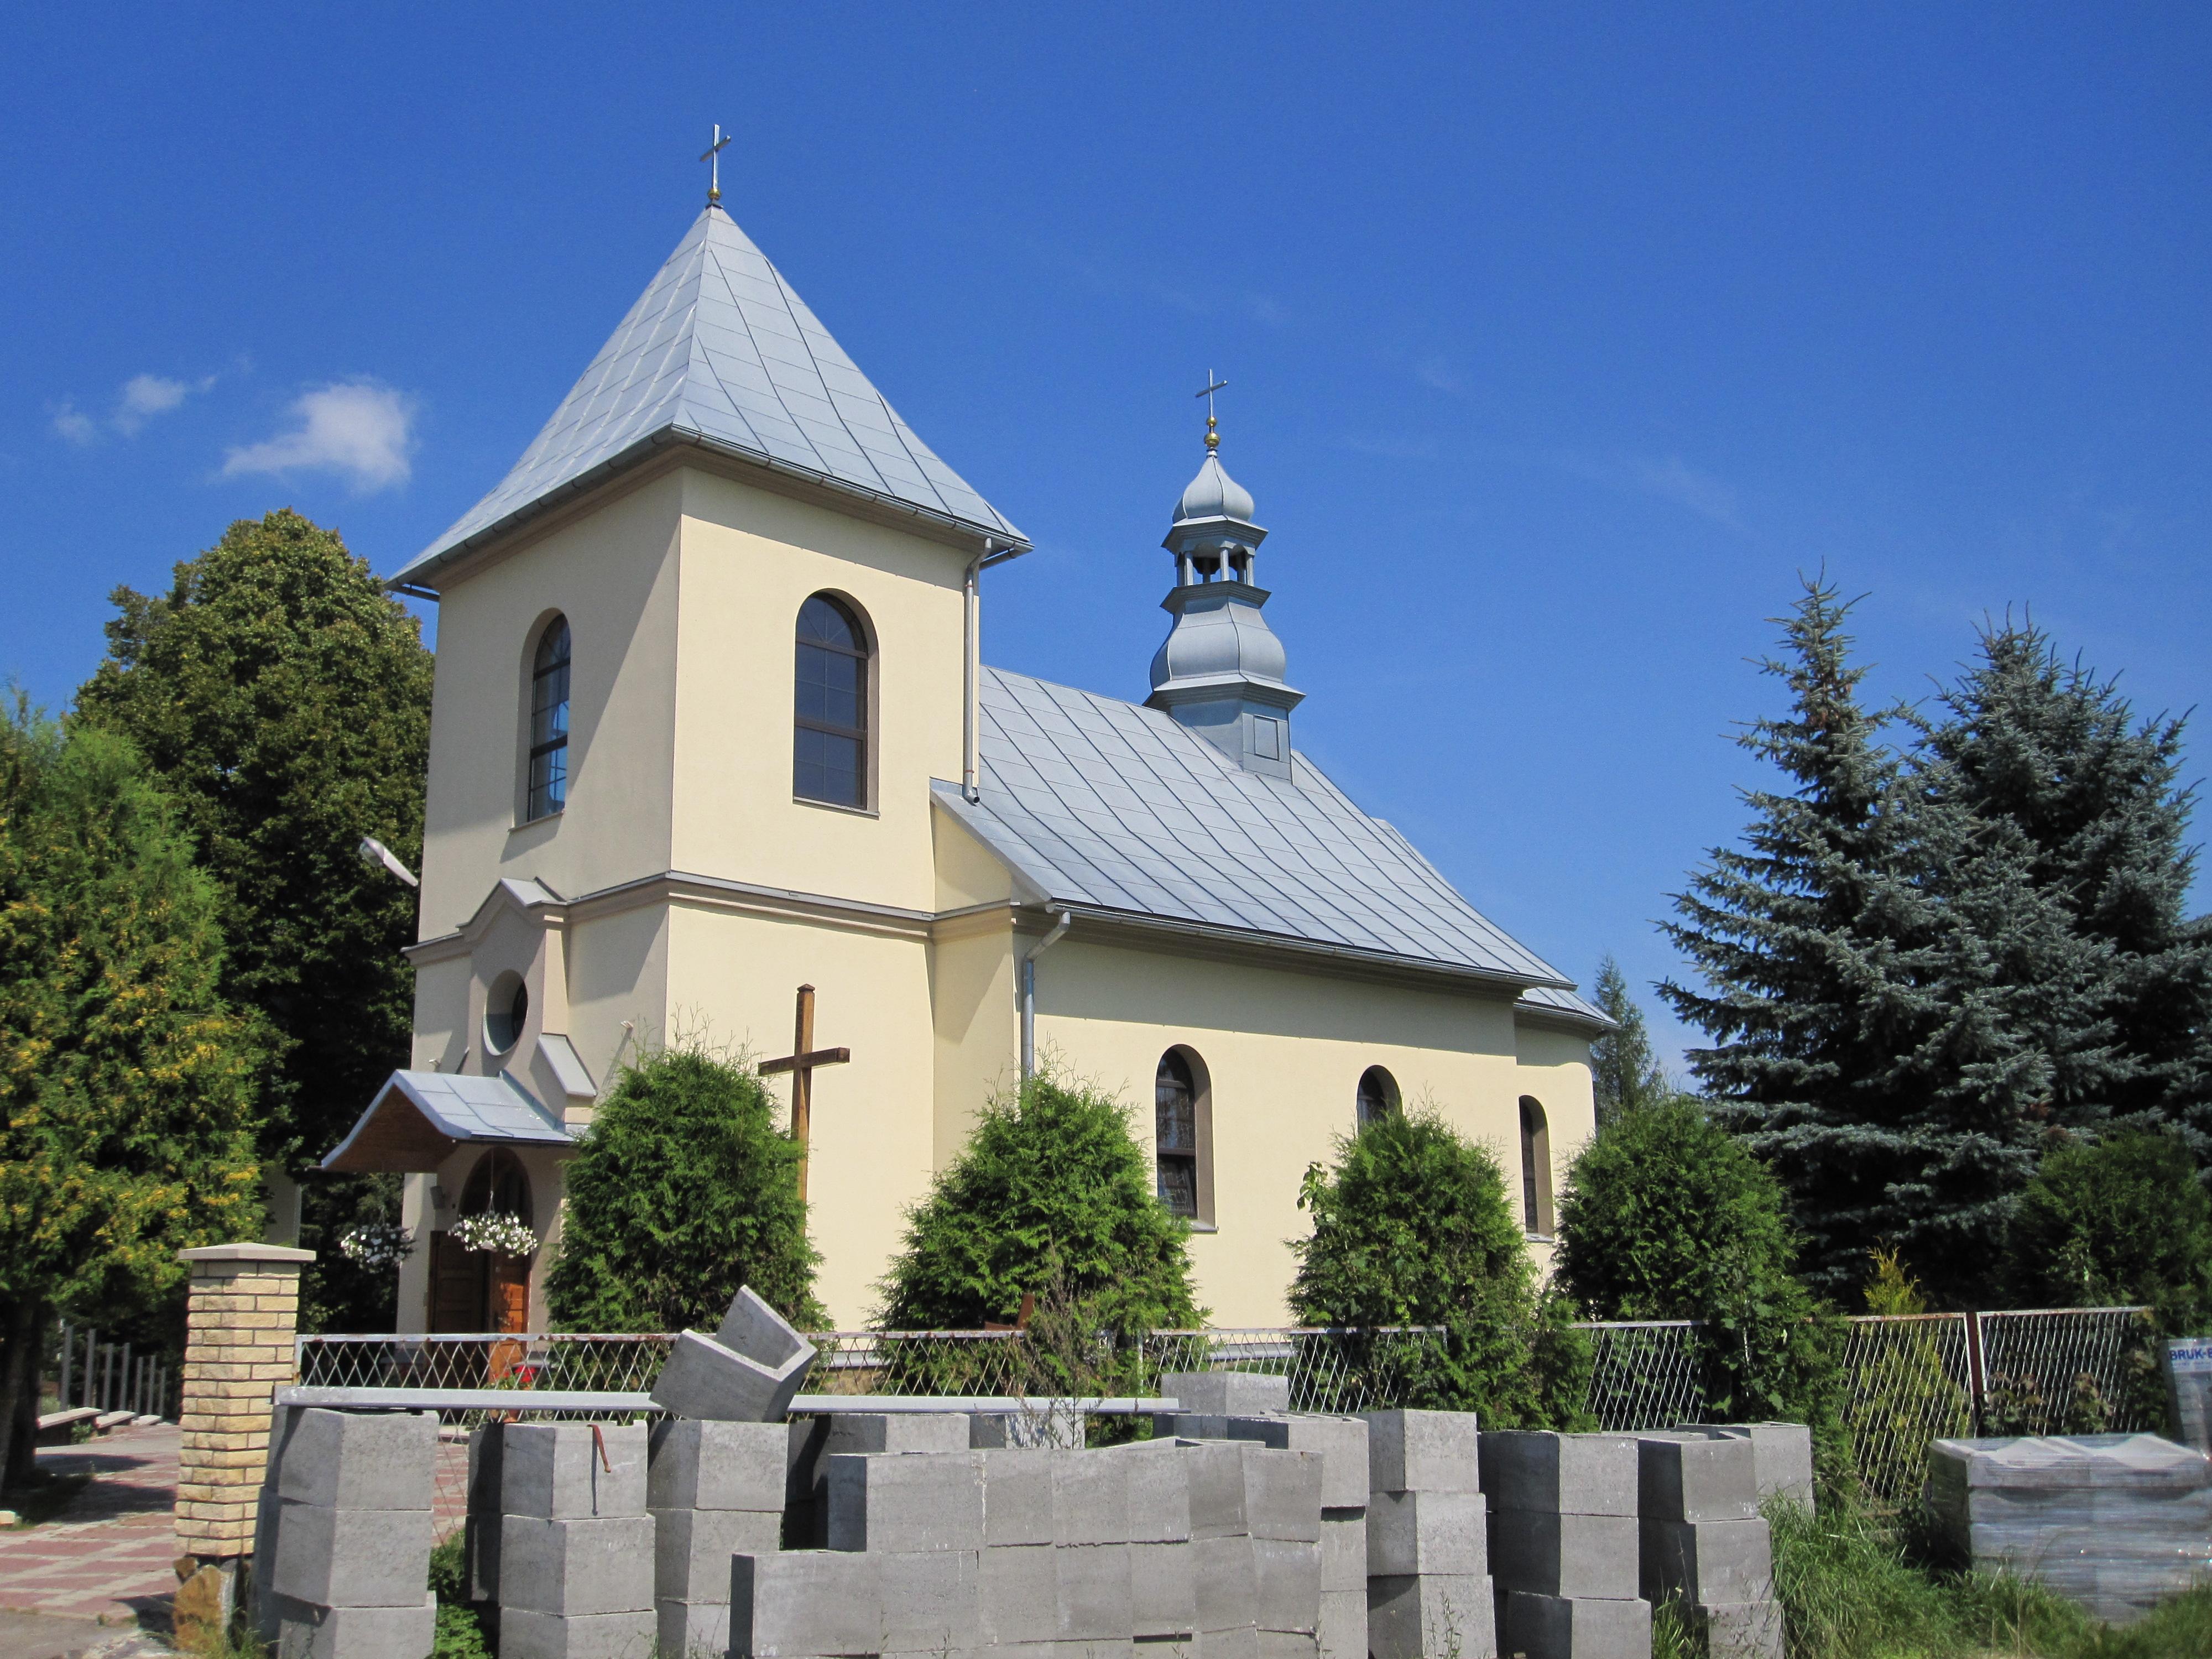 Rzymskokatolicki kościół parafialny pw. Matki Boskiej Nieustającej Pomocy w Myczkowie - dawna cerkiew greckokatolicka